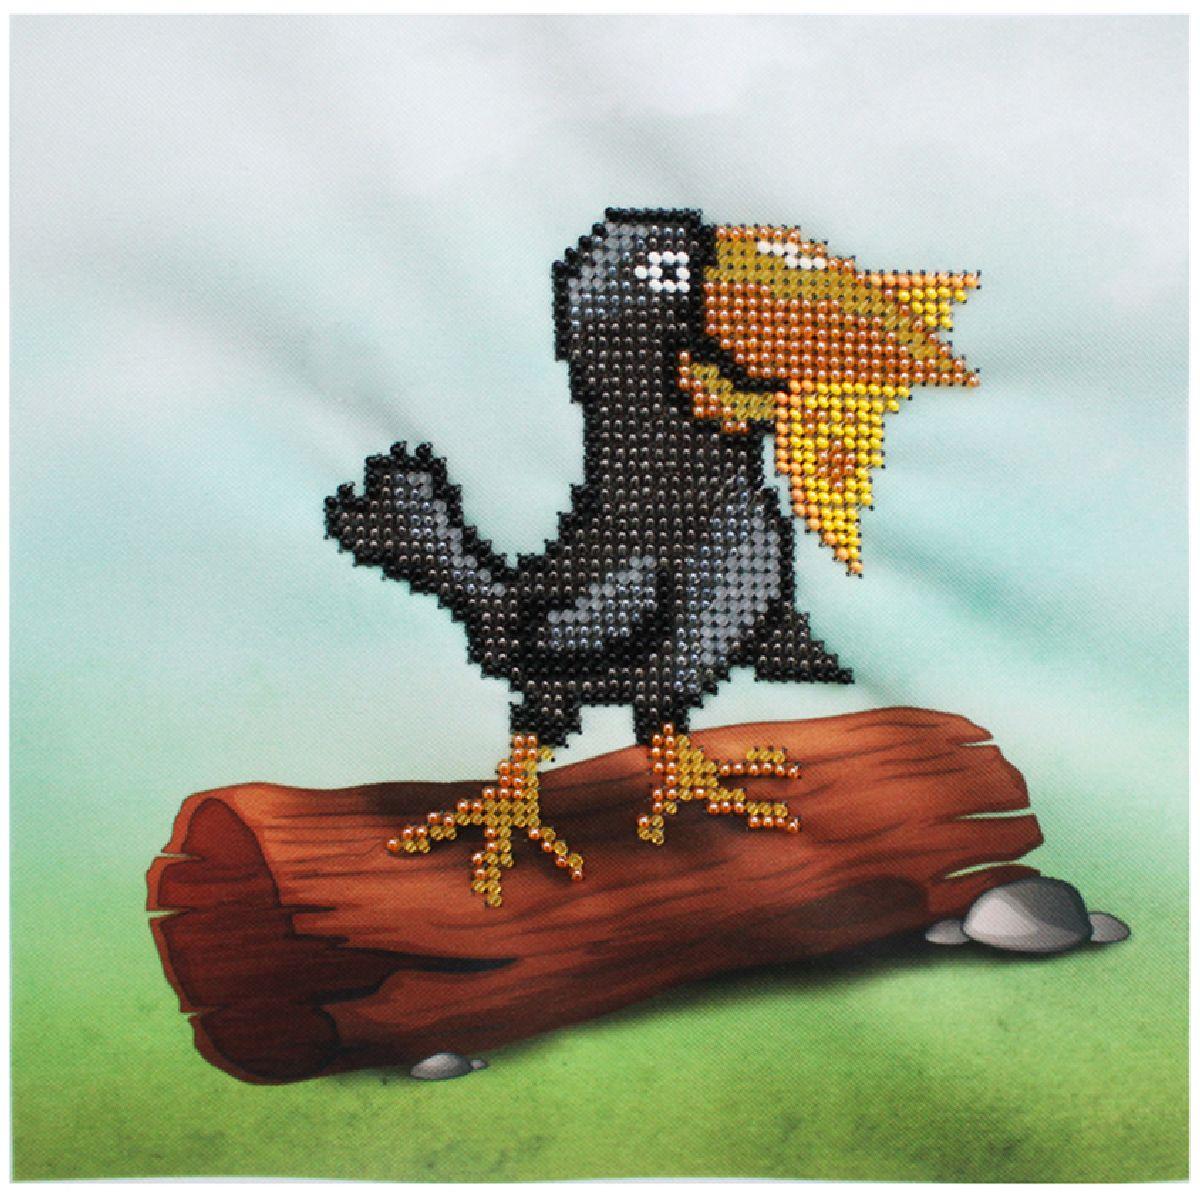 Набор для вышивания бисером Бисеринка Ворона, 20 х 20 см набор для вышивания бисером бисеринка под зонтиком 12 х 12 см